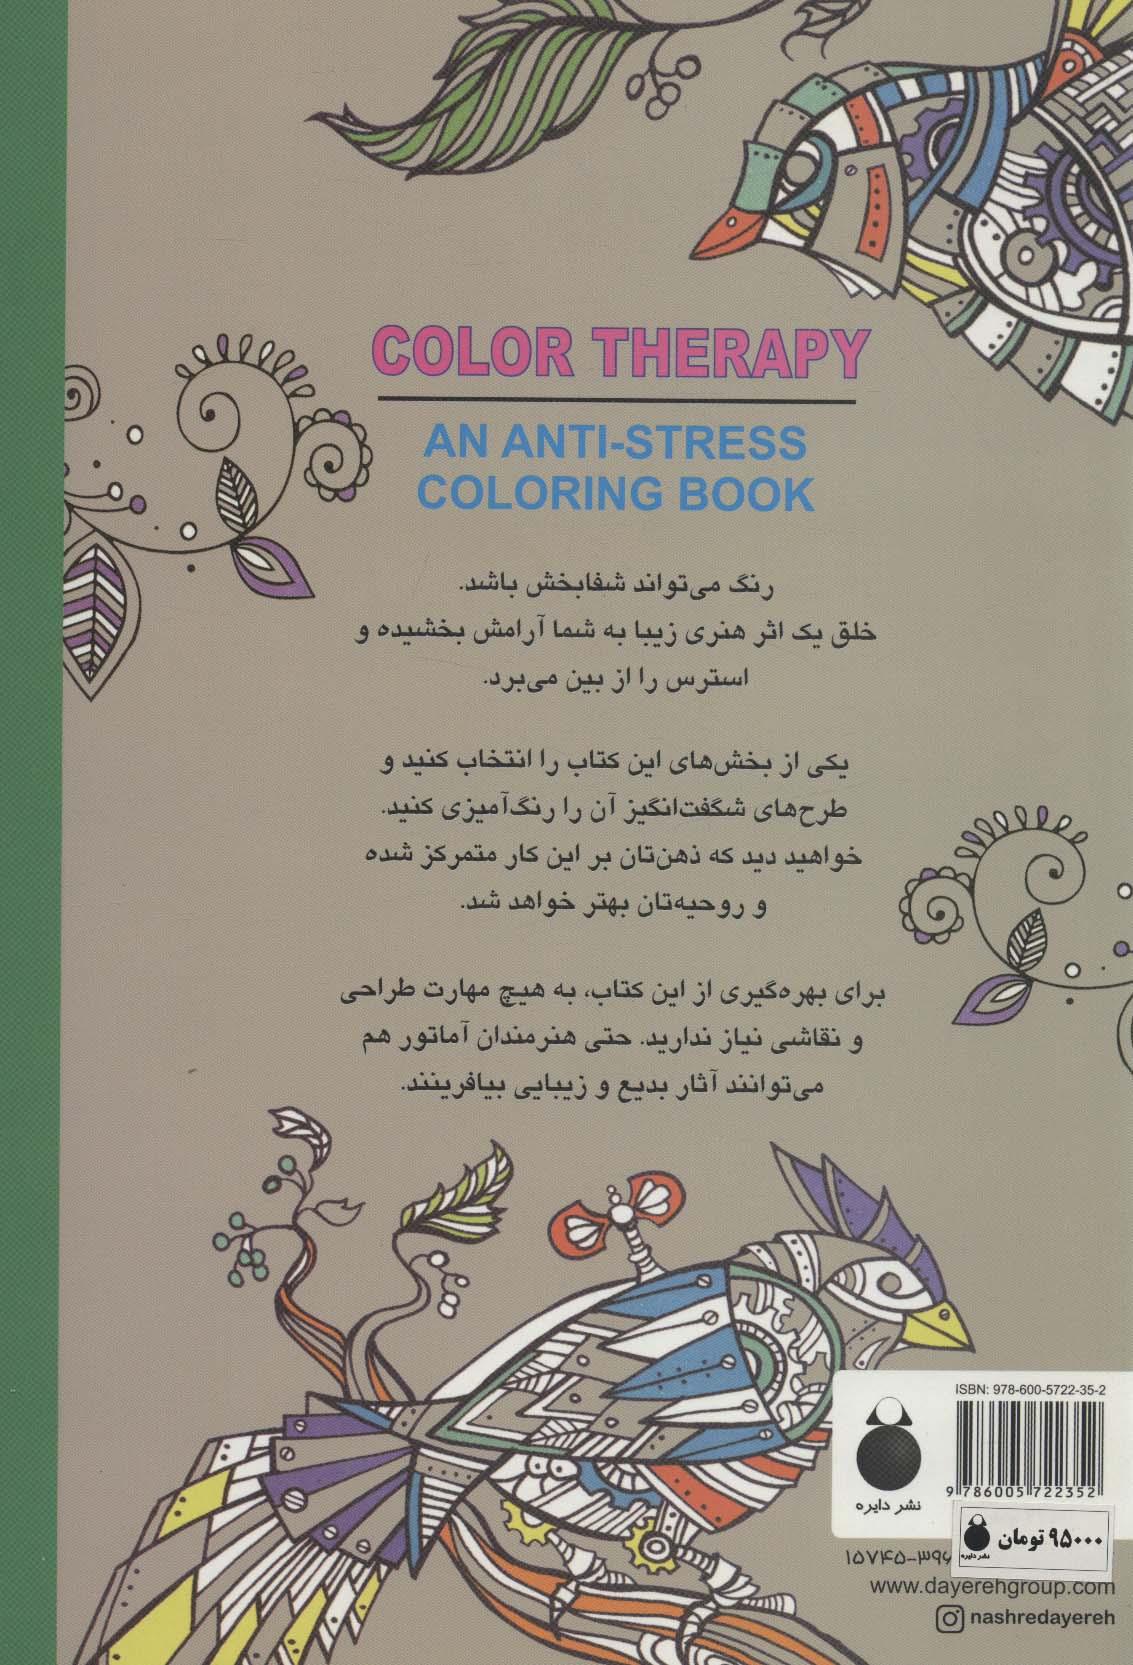 نقاشی درمانی-شگفتی رنگ (دفتر نقاشی ضد استرس)